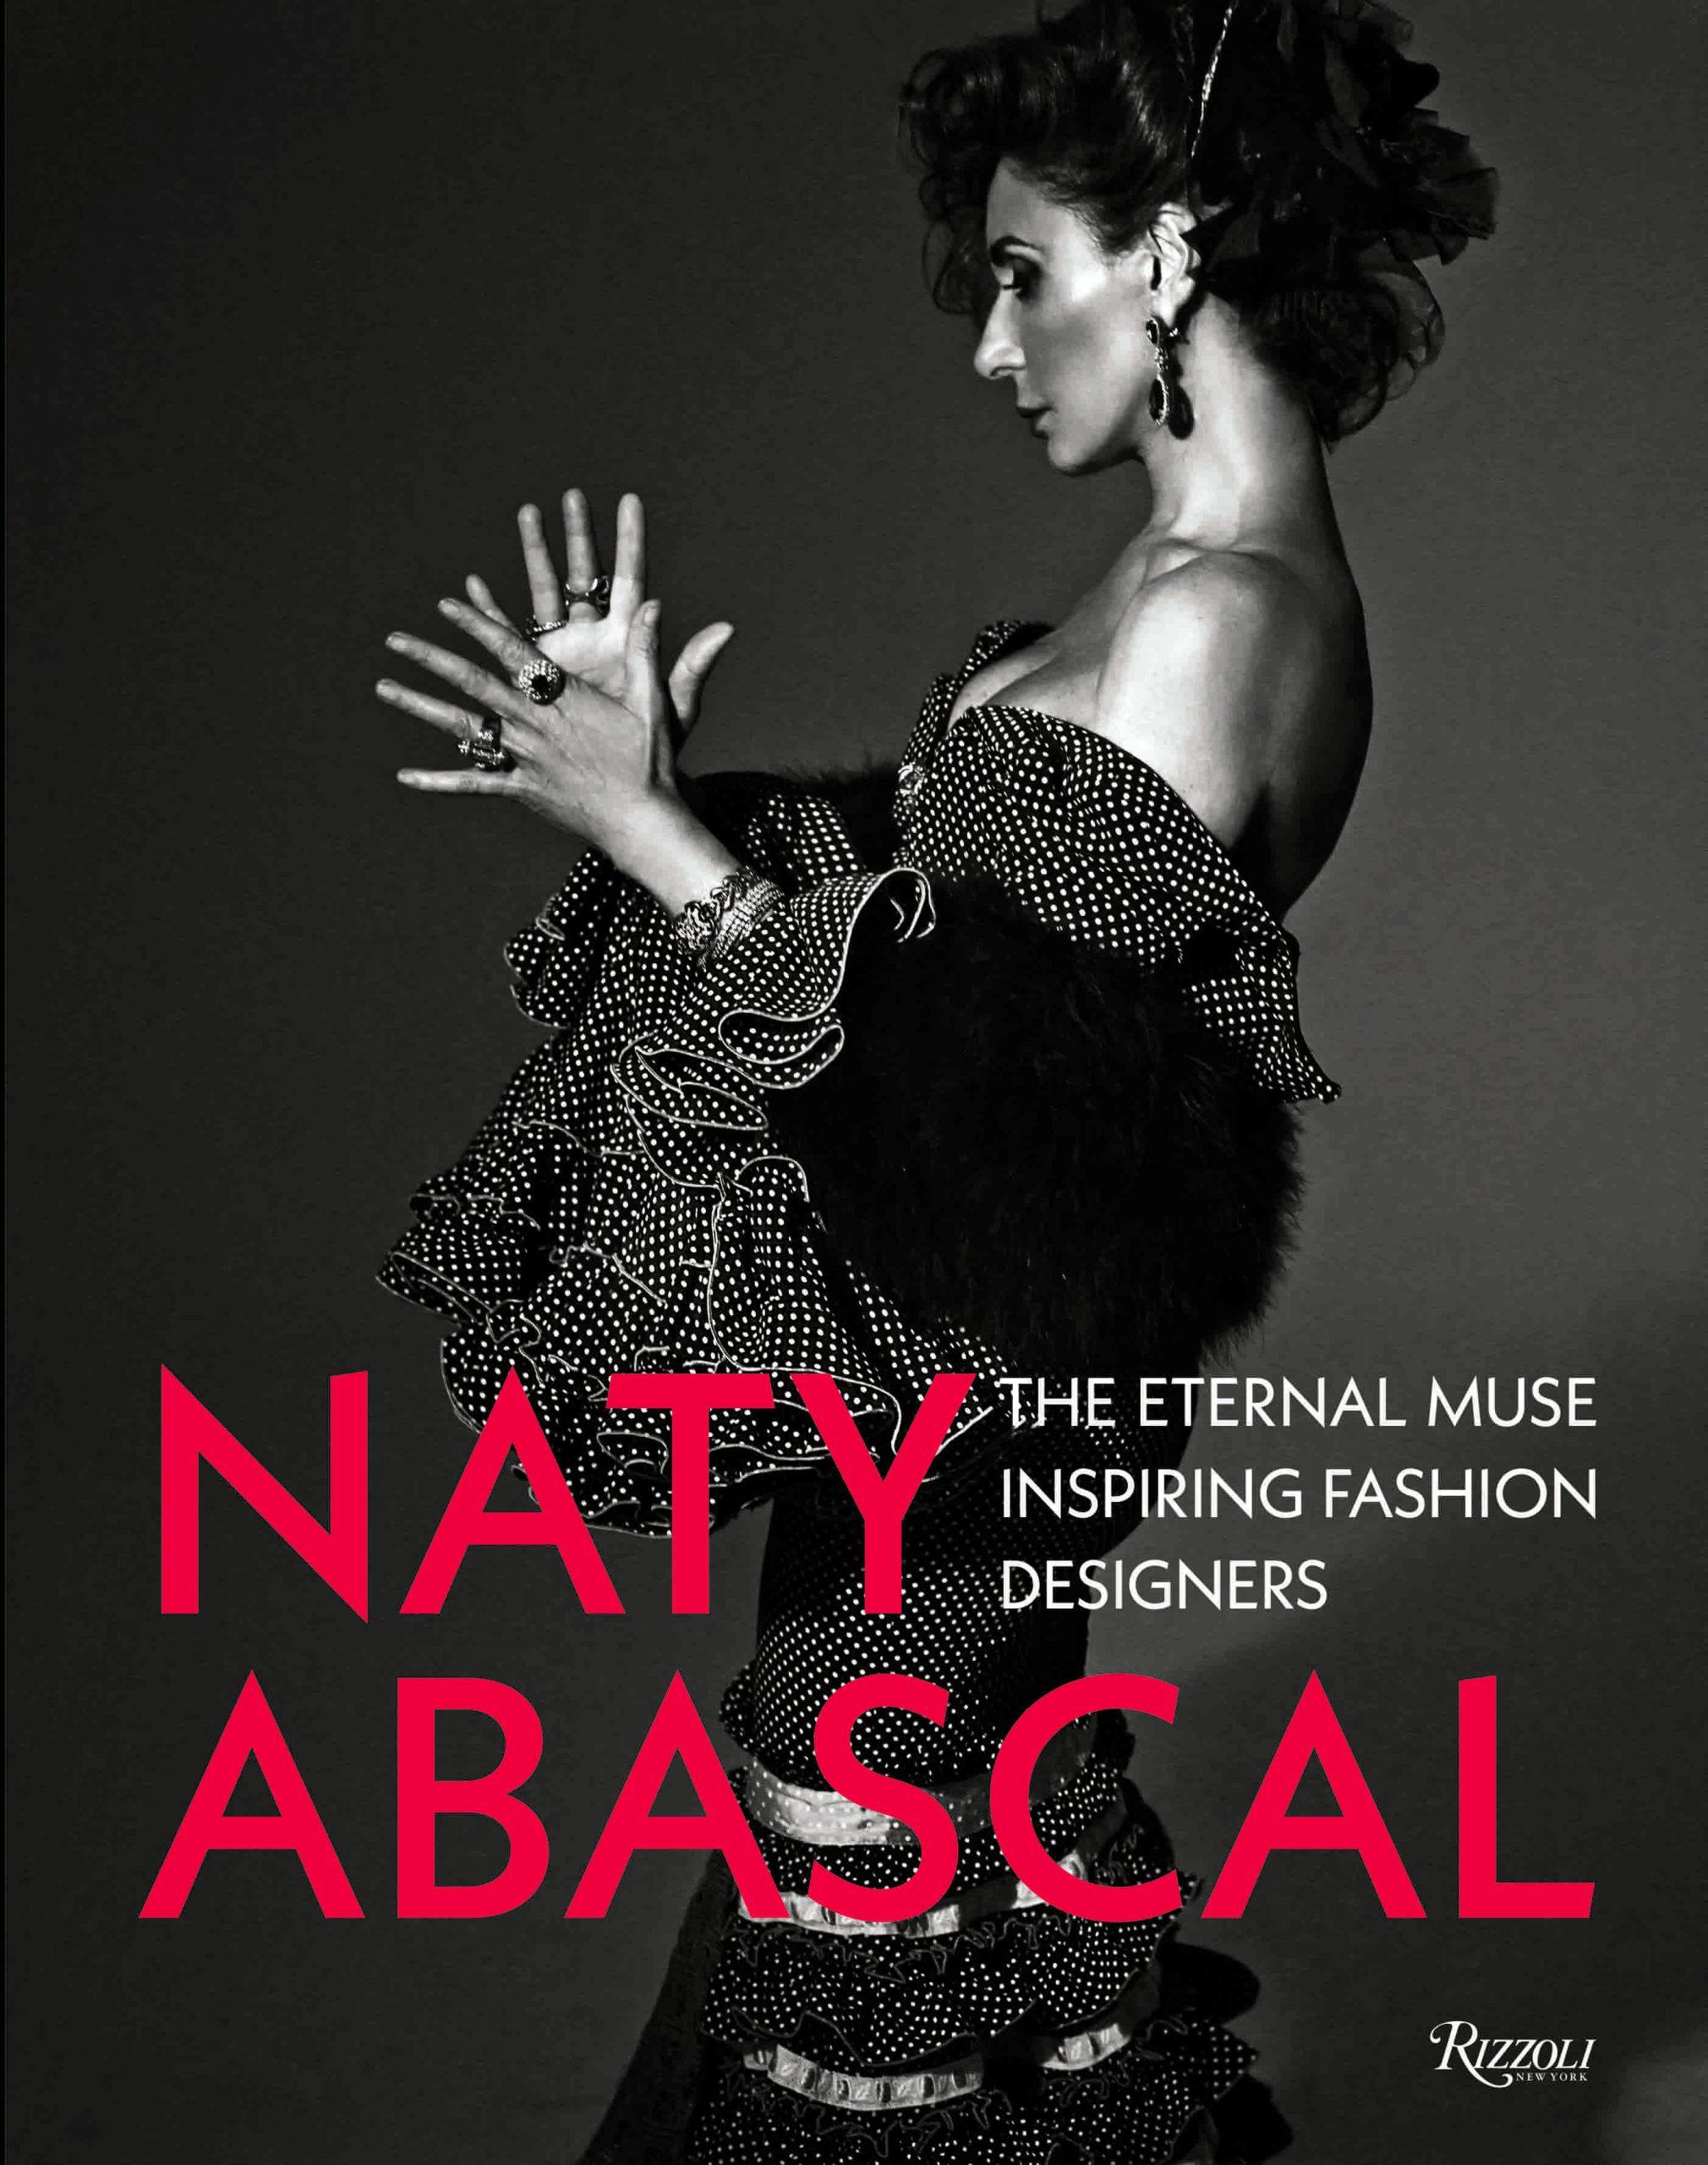 Naty Abascal